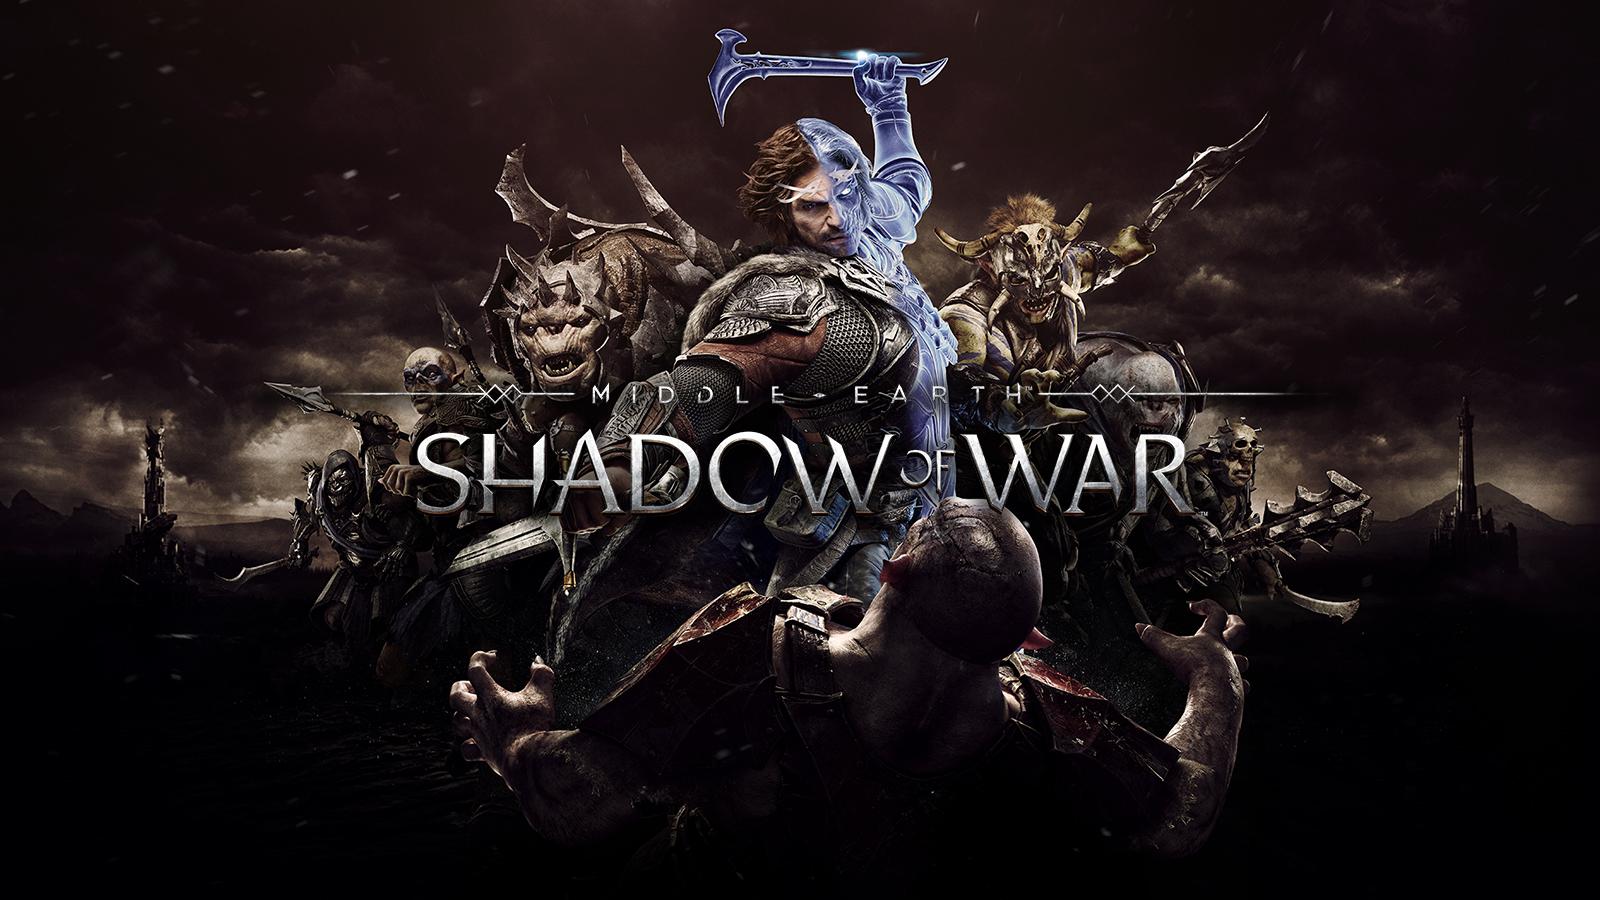 نقد بازی Shadow of War : نبردهای هیجان انگیز و خشن در سرتاسر سرزمین میانی